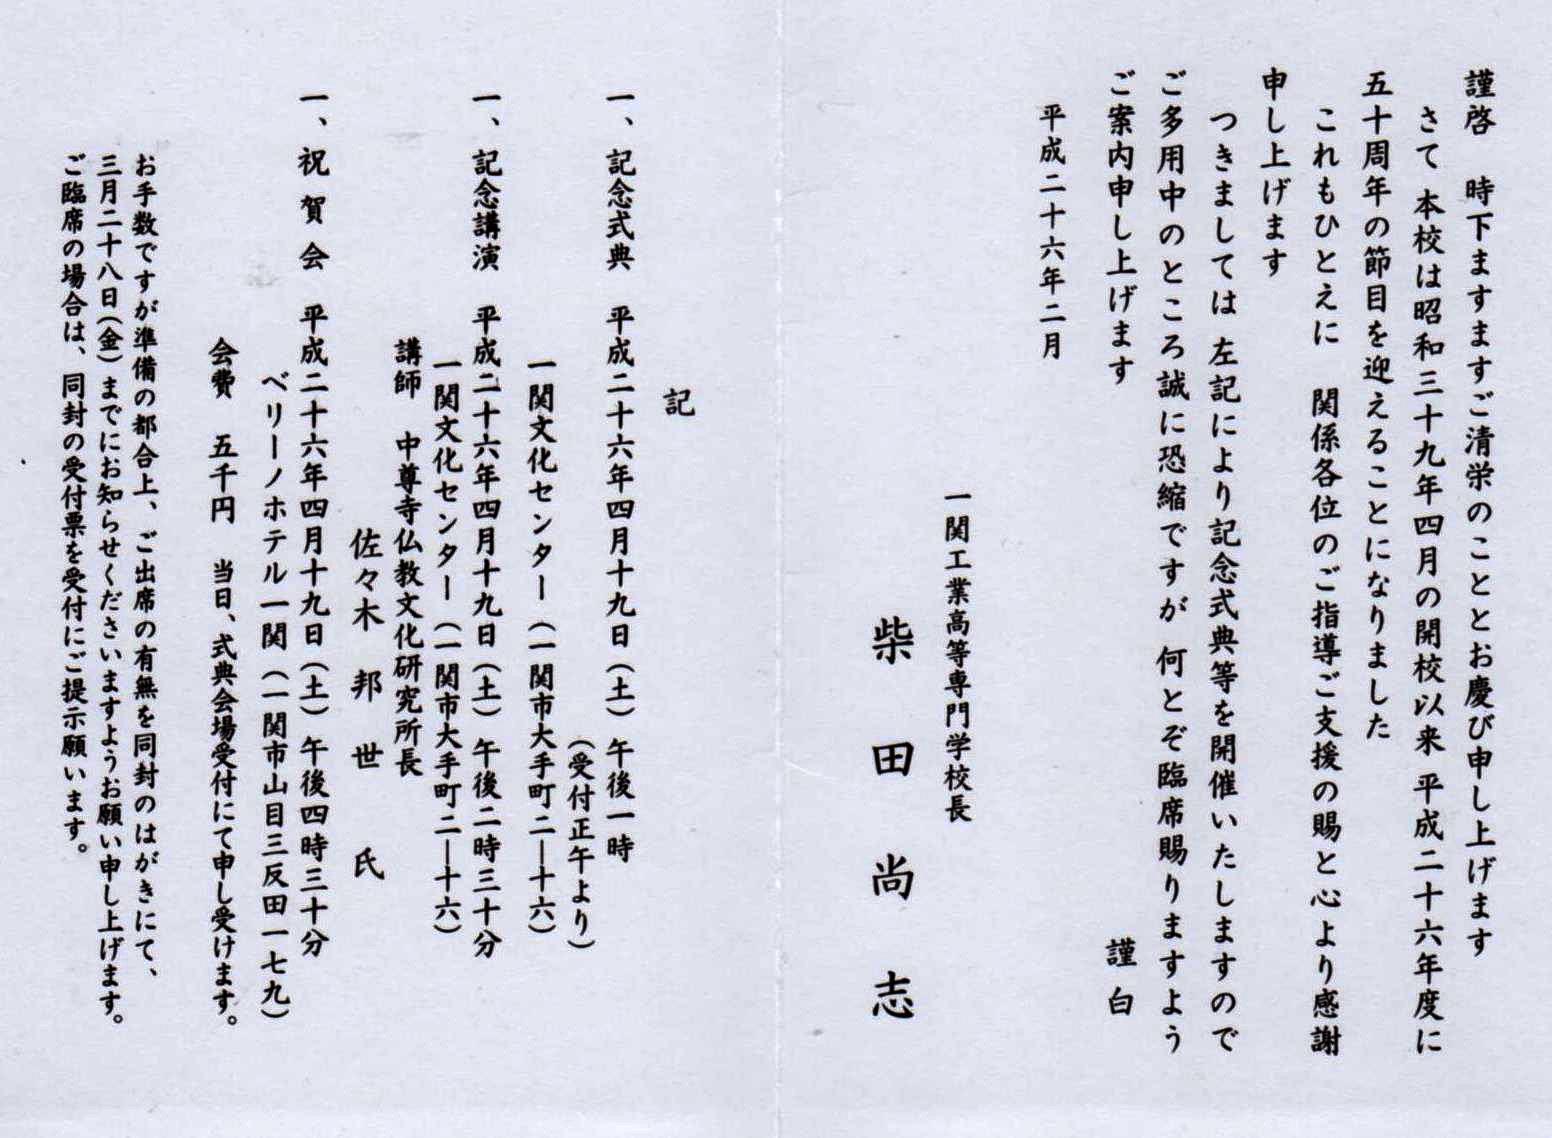 すべての講義 1日 スケジュール表 : 一関高専創立50周年記念式典 ...